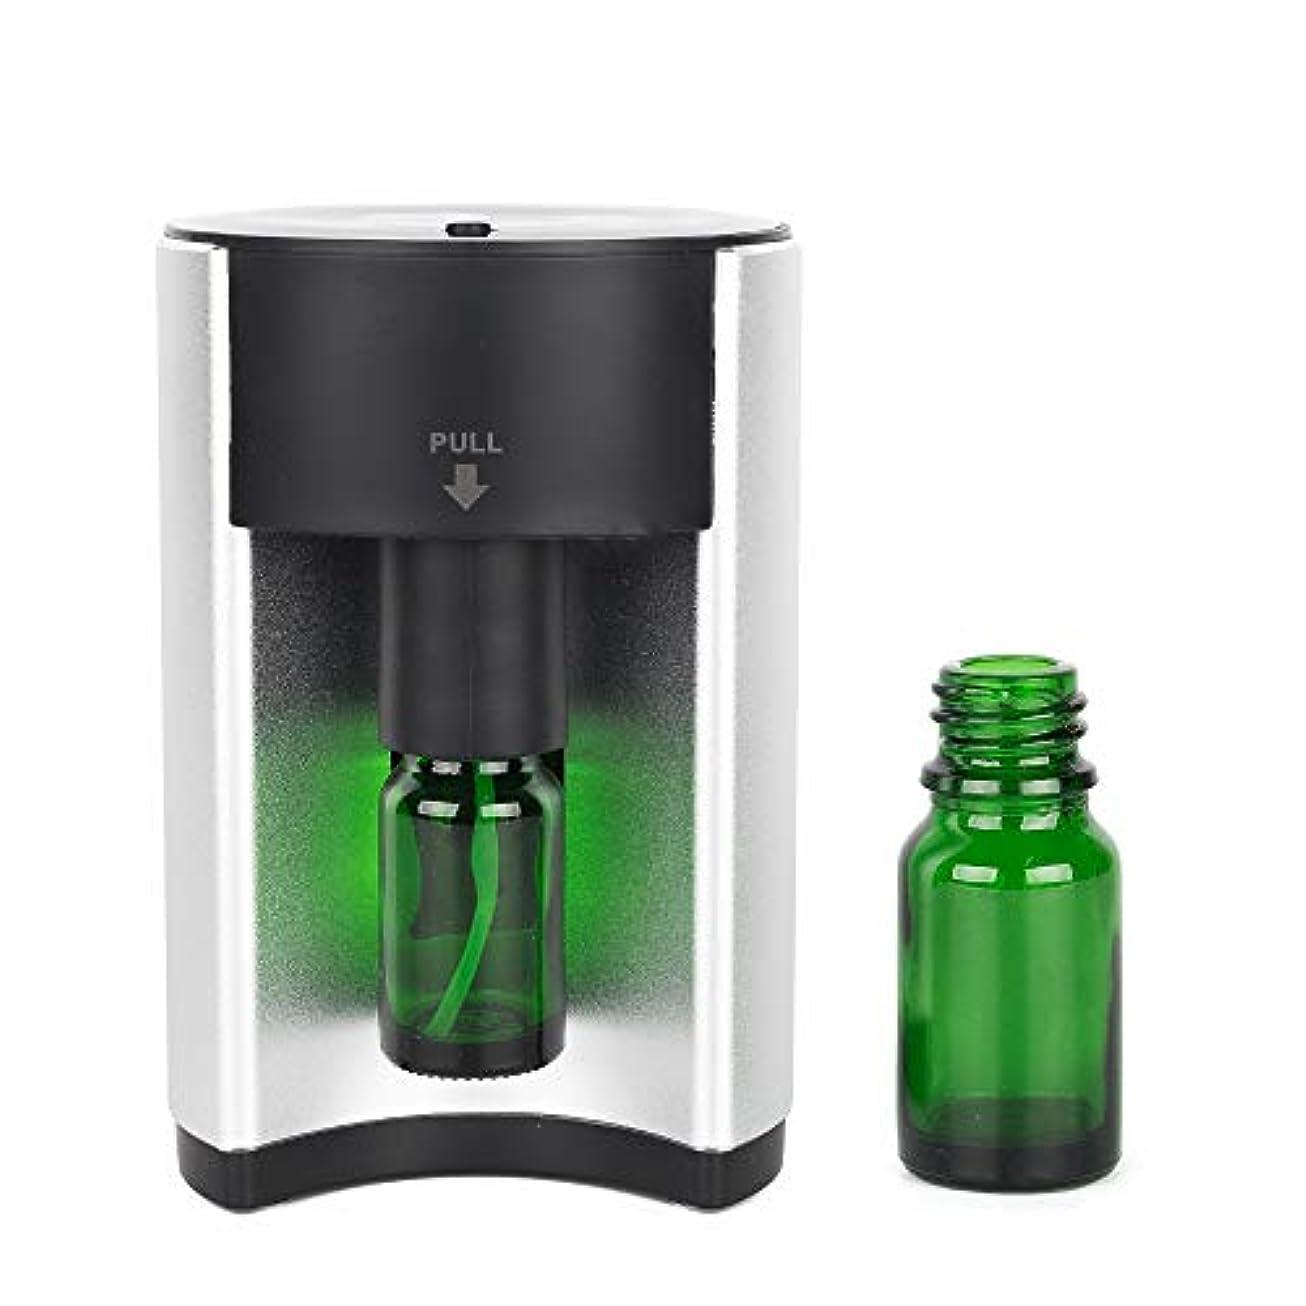 スライム統合する木曜日アロマディフューザー アロマ 芳香器 (GT-SH-S1)アロマオイル ネブライザー式 アロマポット usb コンセント 小型 香り おしゃれ 可愛い シンプル 軽量 卓上 シンプル スマート 水を使わない オイル別売り